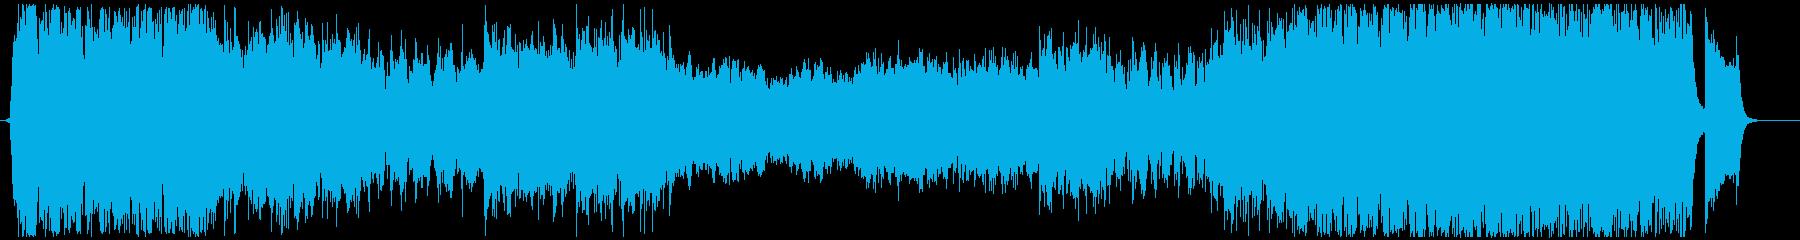 ファンタジック-オーケストラ交響序曲の再生済みの波形